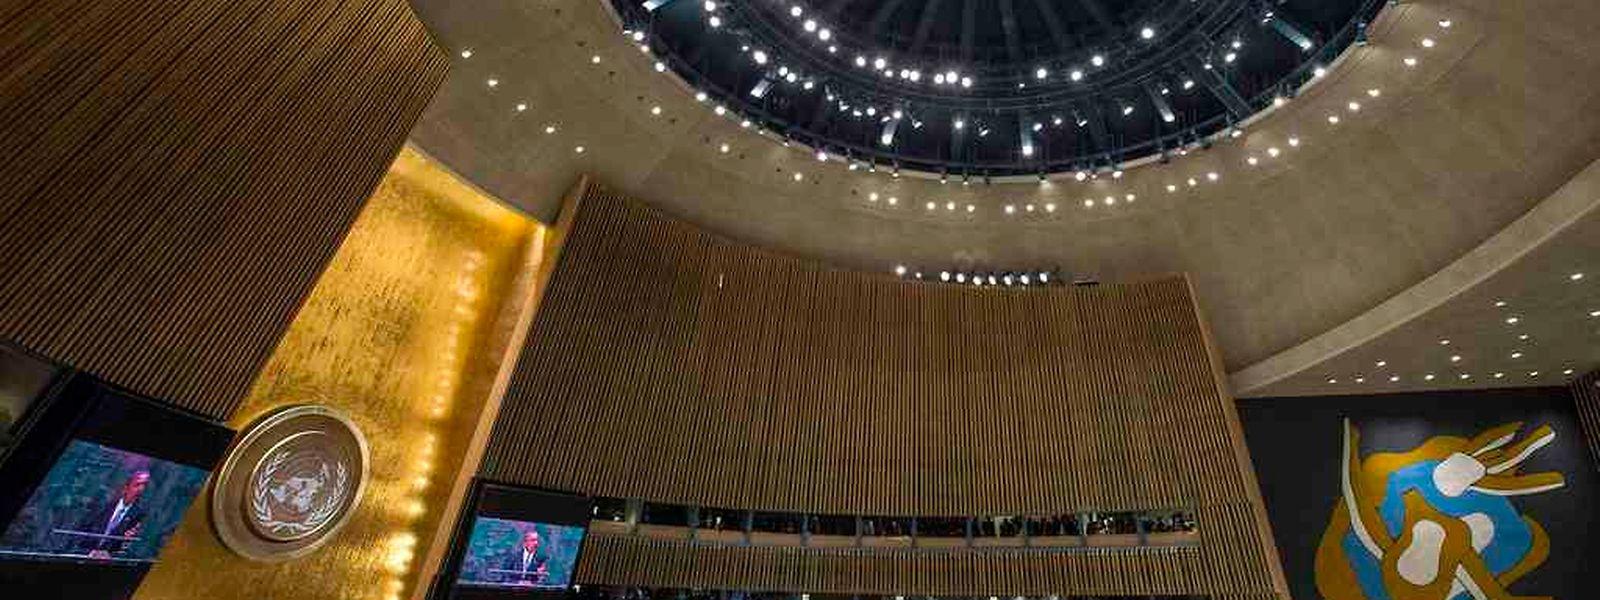 Blick in den Sitzungssaal während der Debatten.